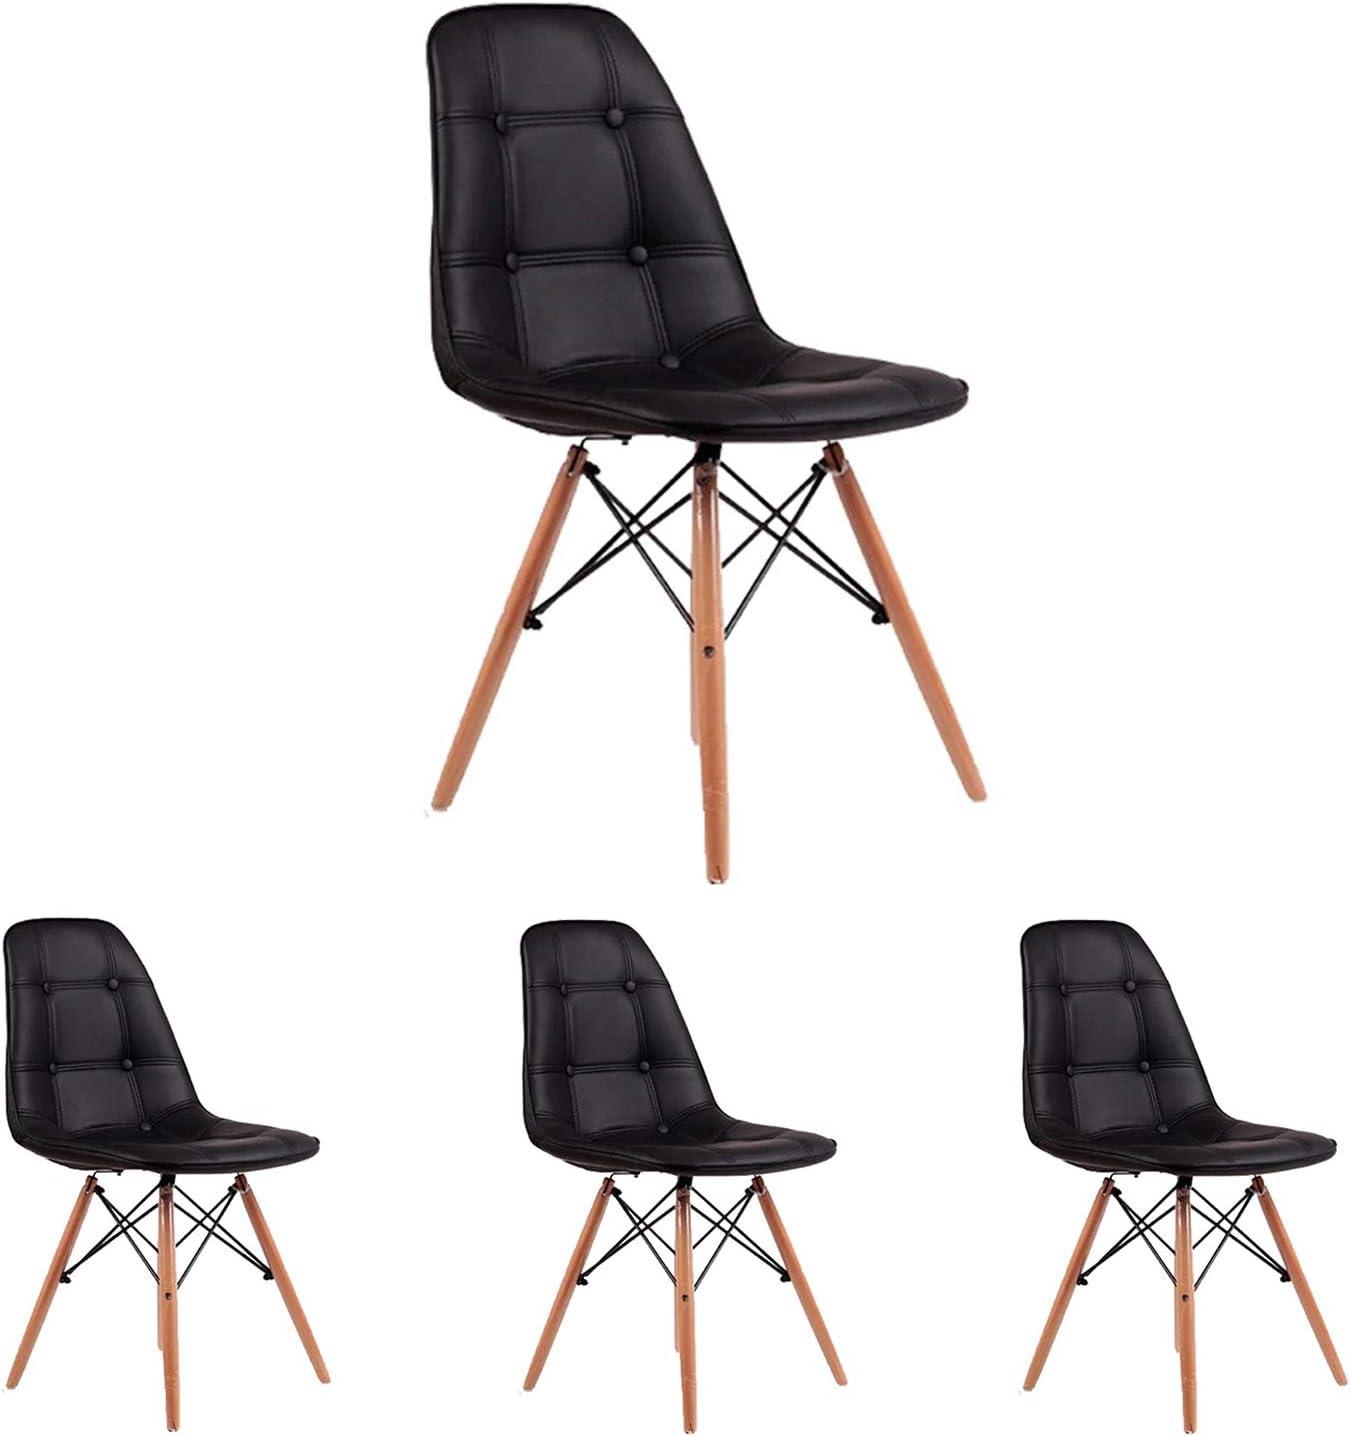 N//A Ensemble de 4 chaises avec rev/êtement en Cuir PU de Style Moderne clouez Les Pattes arri/ère avec des chaises Longues en Bois c/ôt/é Salle /à Manger Noir Serrure de t/ête du Milieu du si/ècle